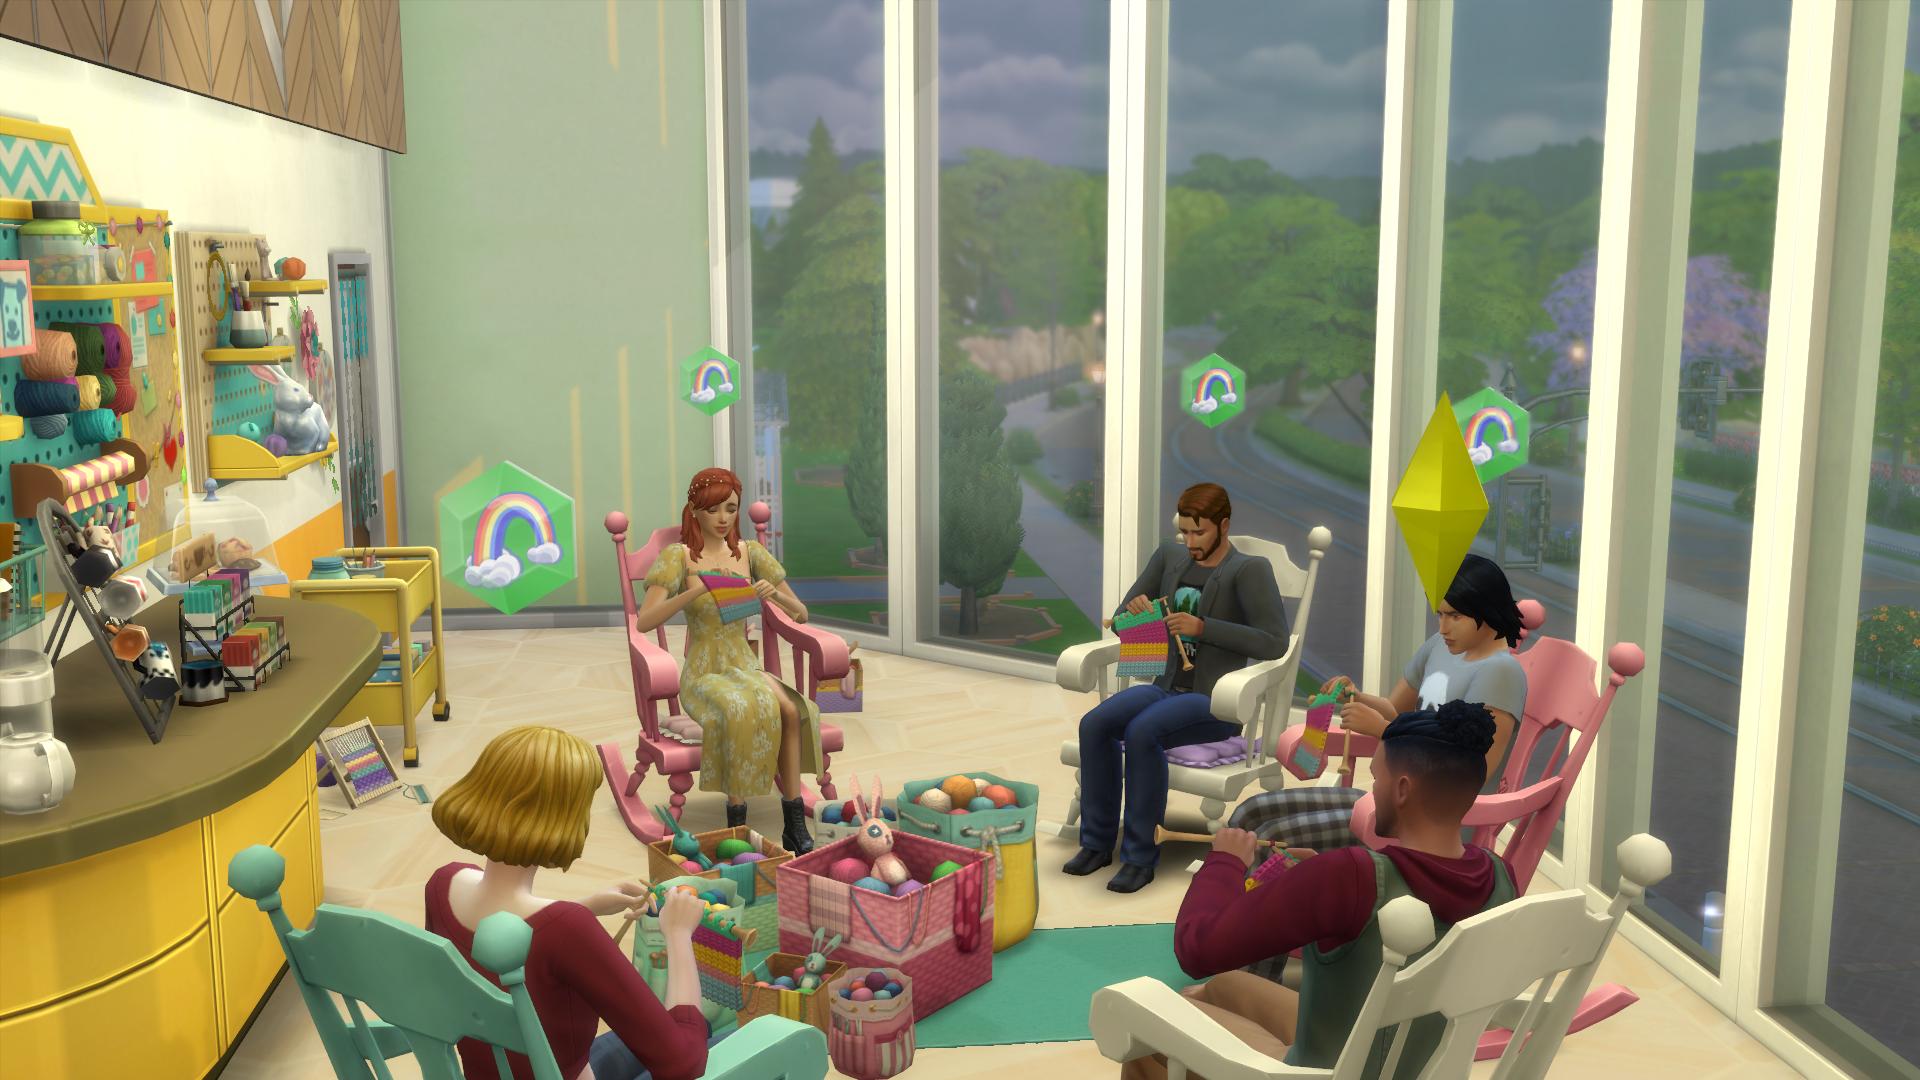 Sims 4 knitting club